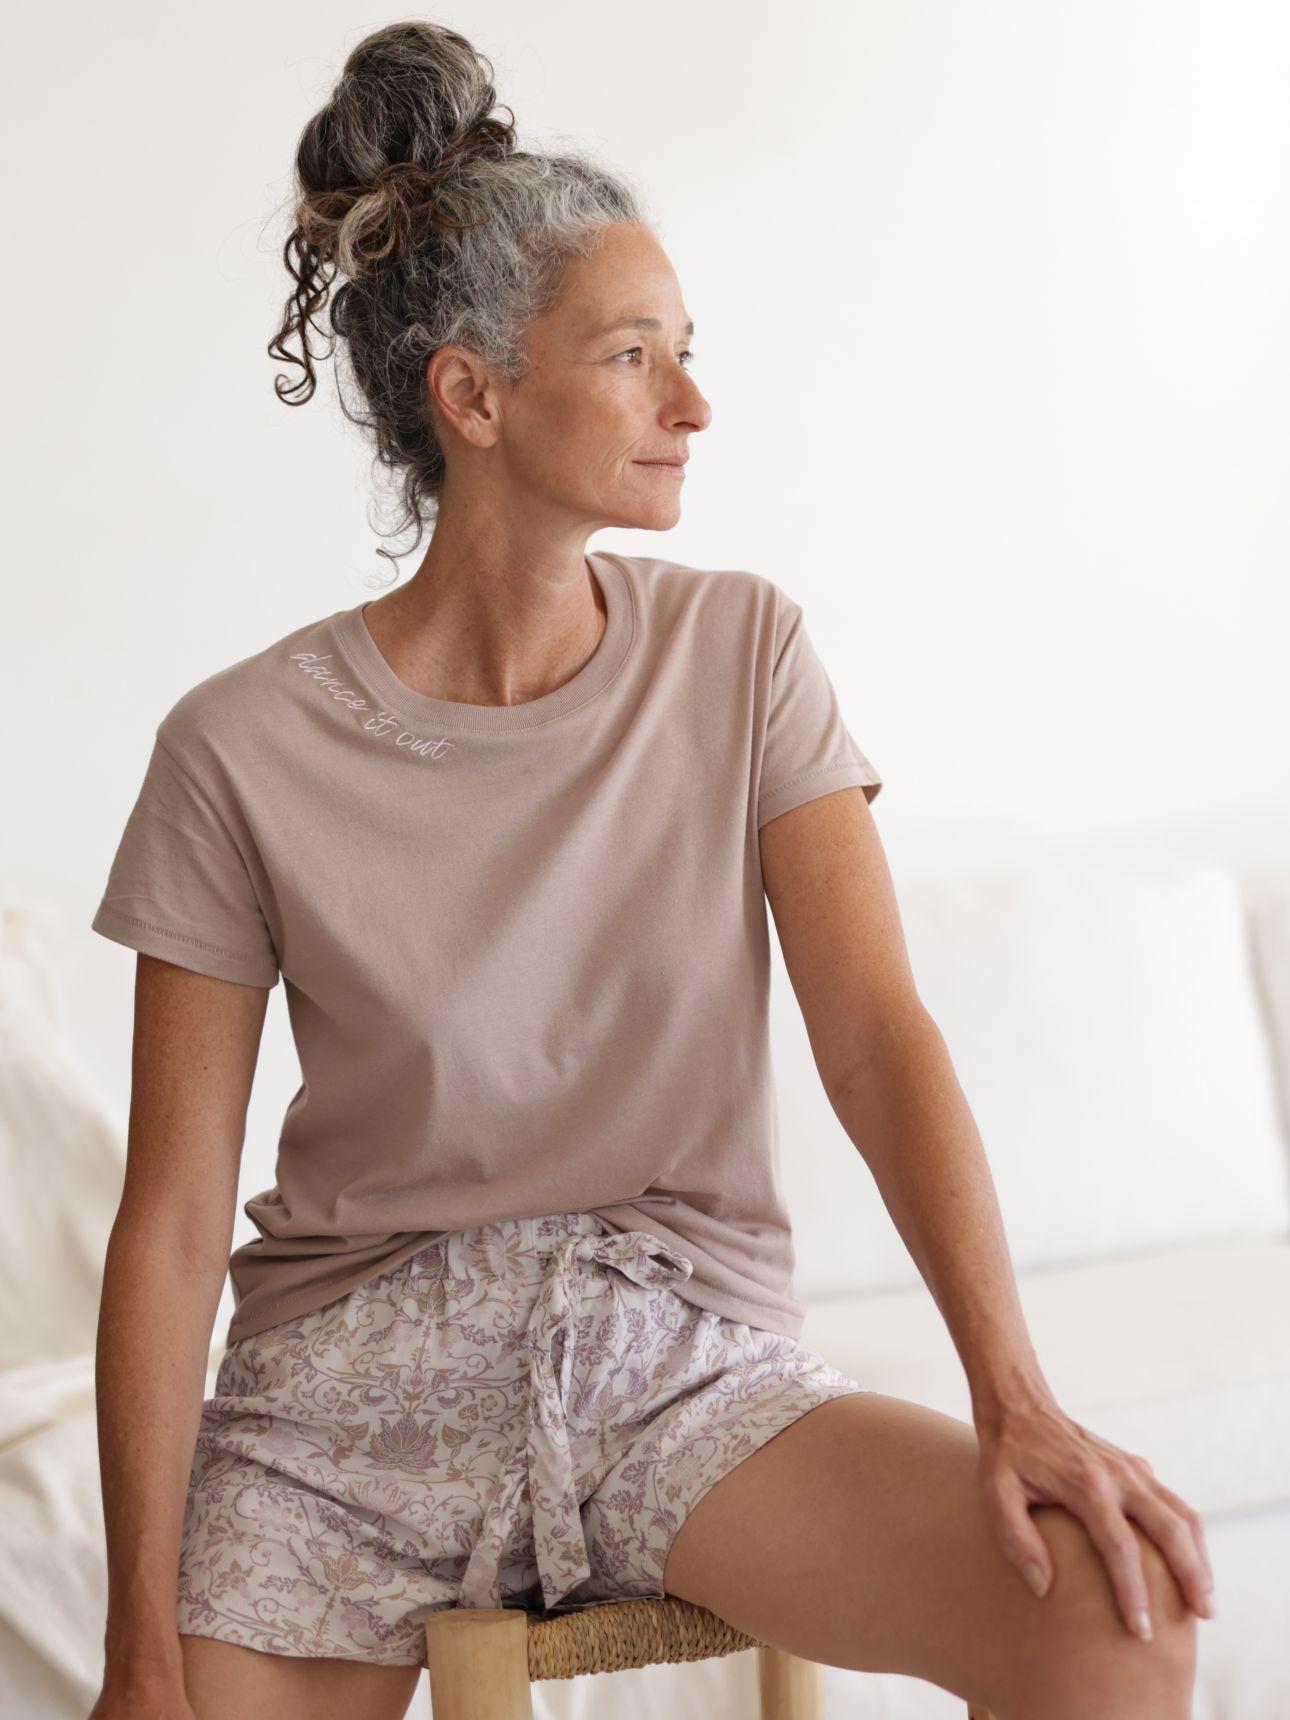 חולצת טי שירט עם רקמה בצבע אבן